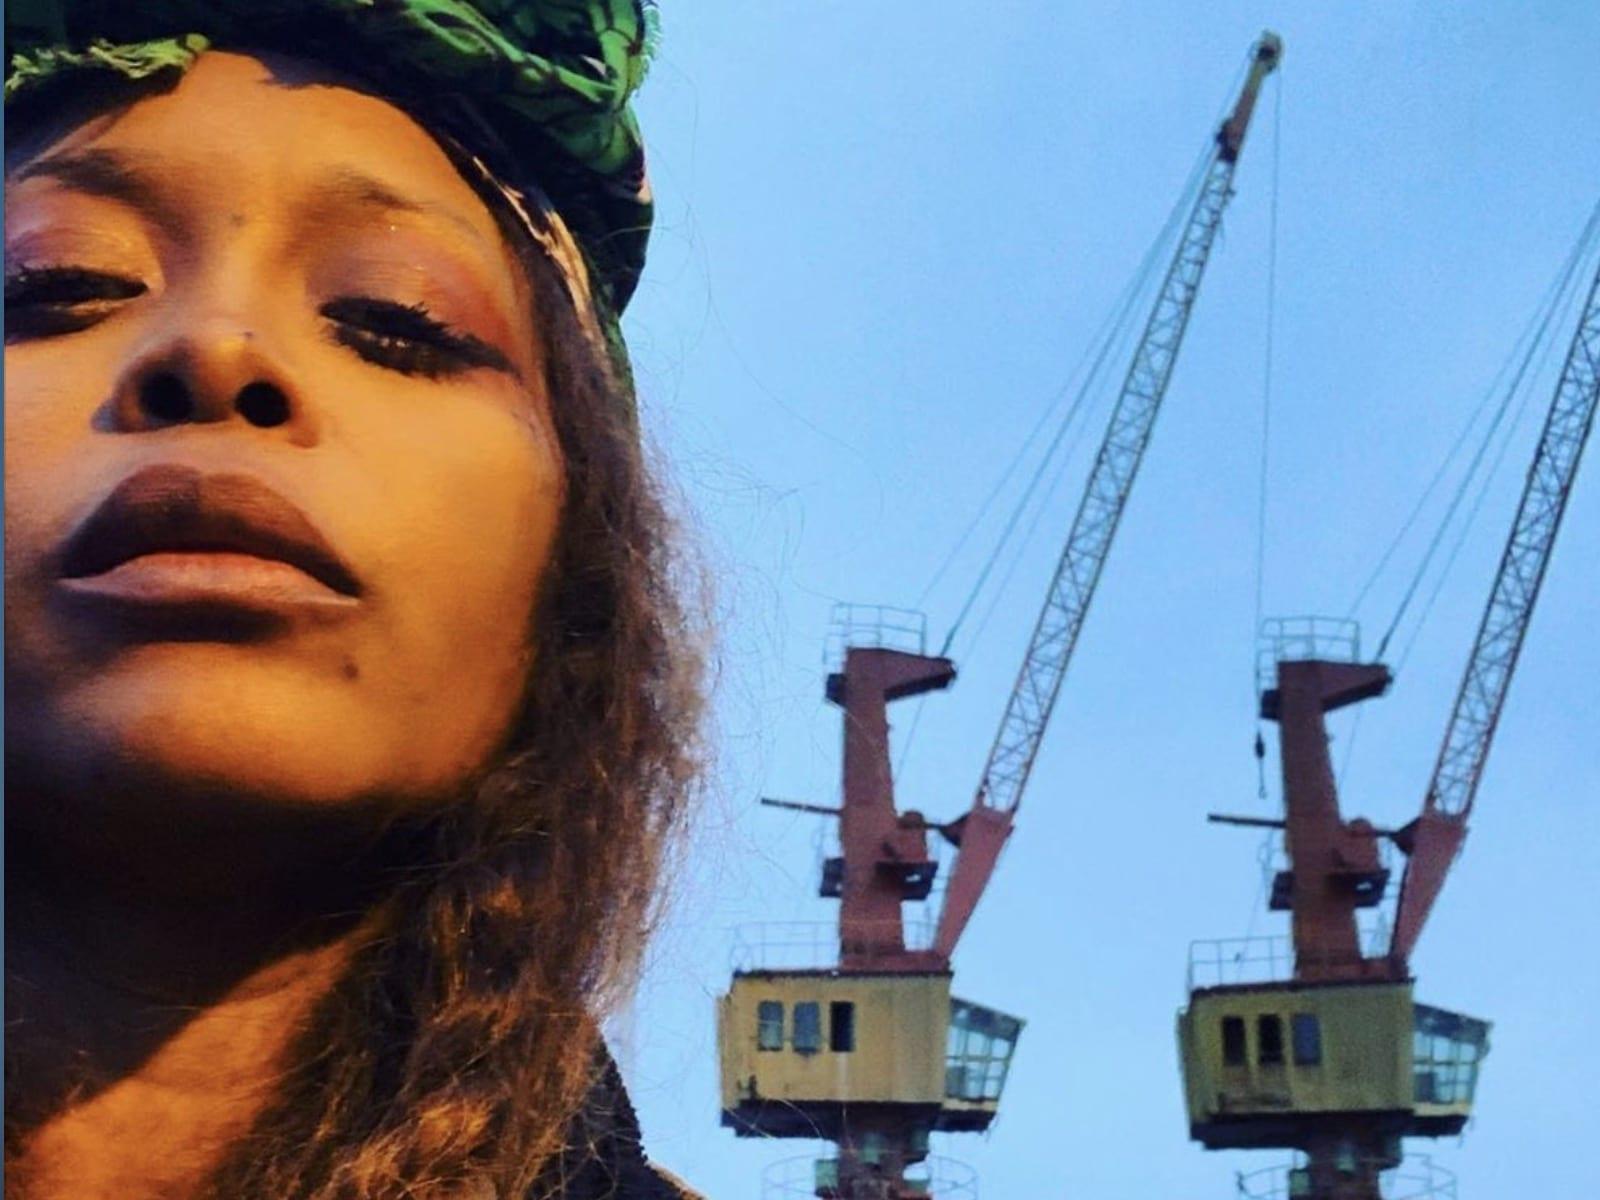 Erykah Badu 11-28-19 Selfie